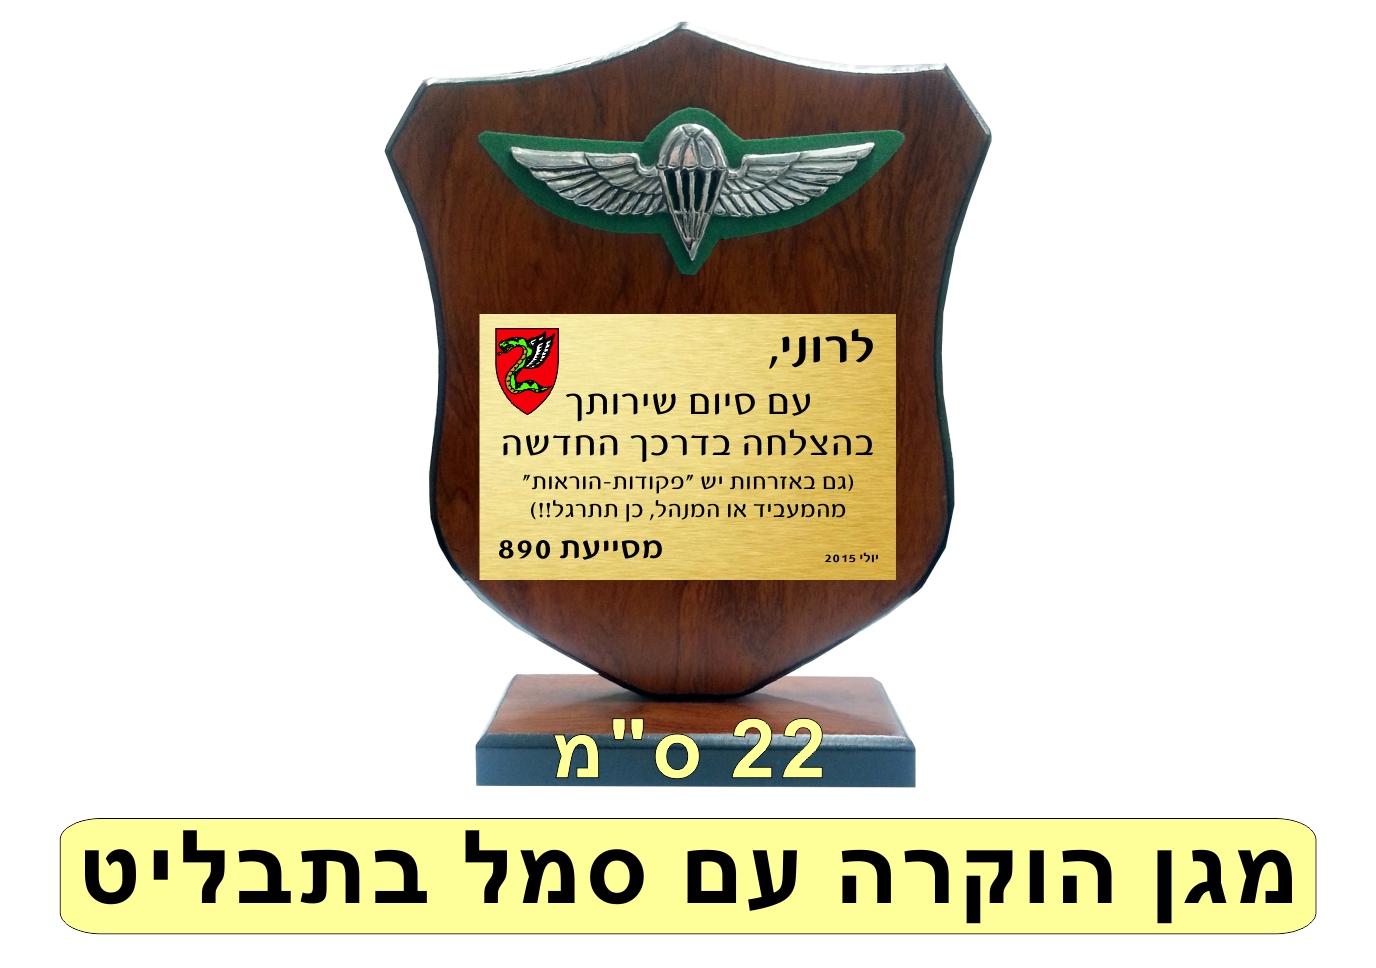 מגן הוקרה 22 סמ עם  סמל בתבליט